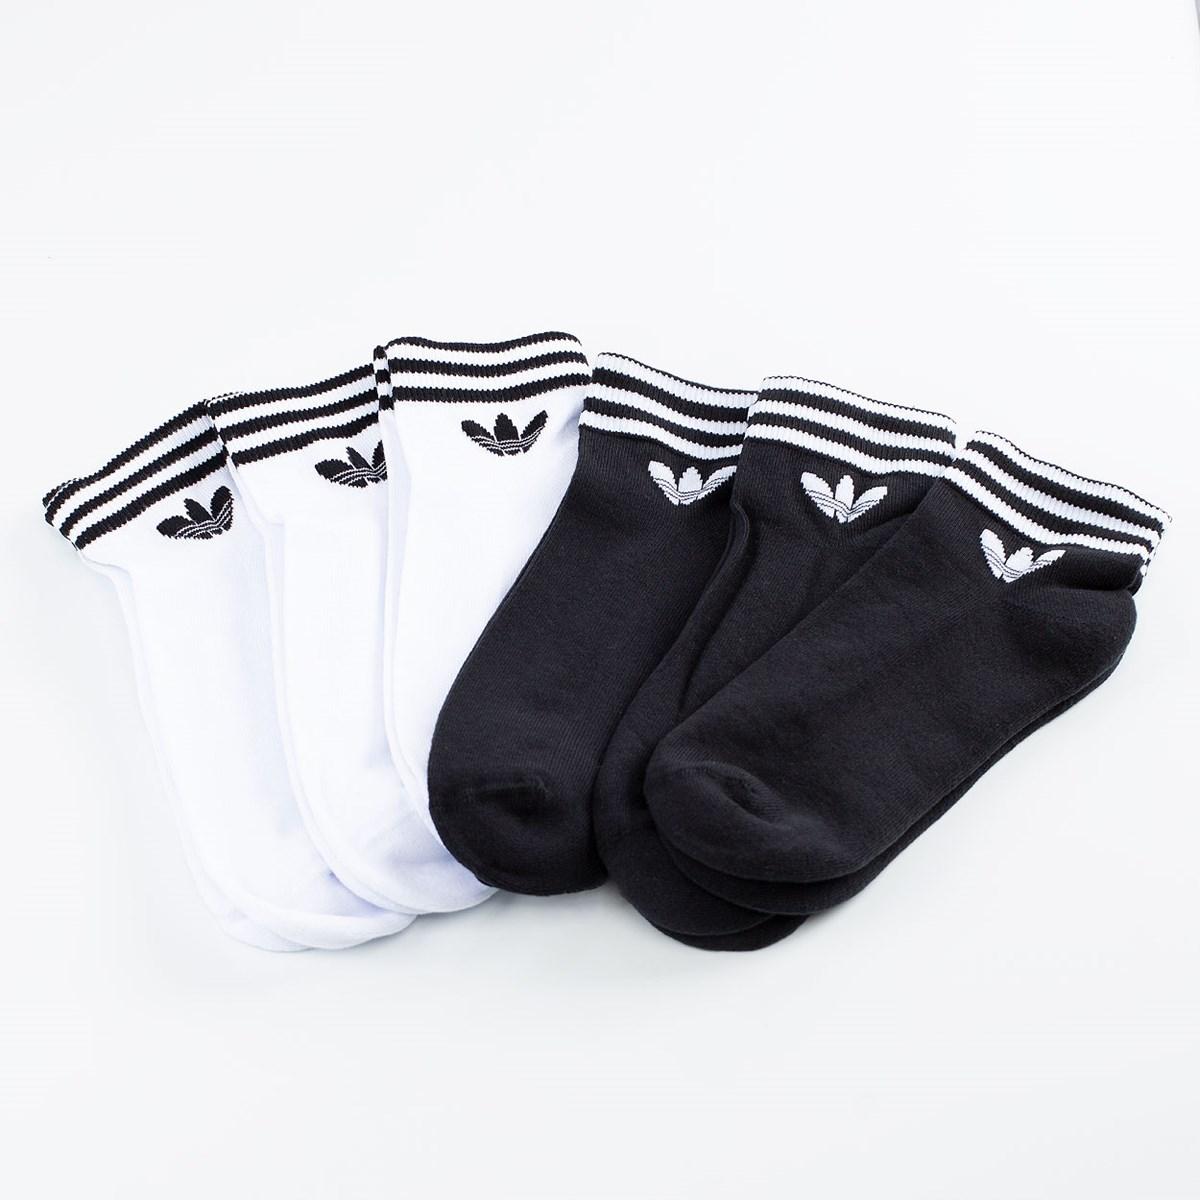 Meia adidas Cano Curto Trefoil Kit 6 Pares White Black GN3109